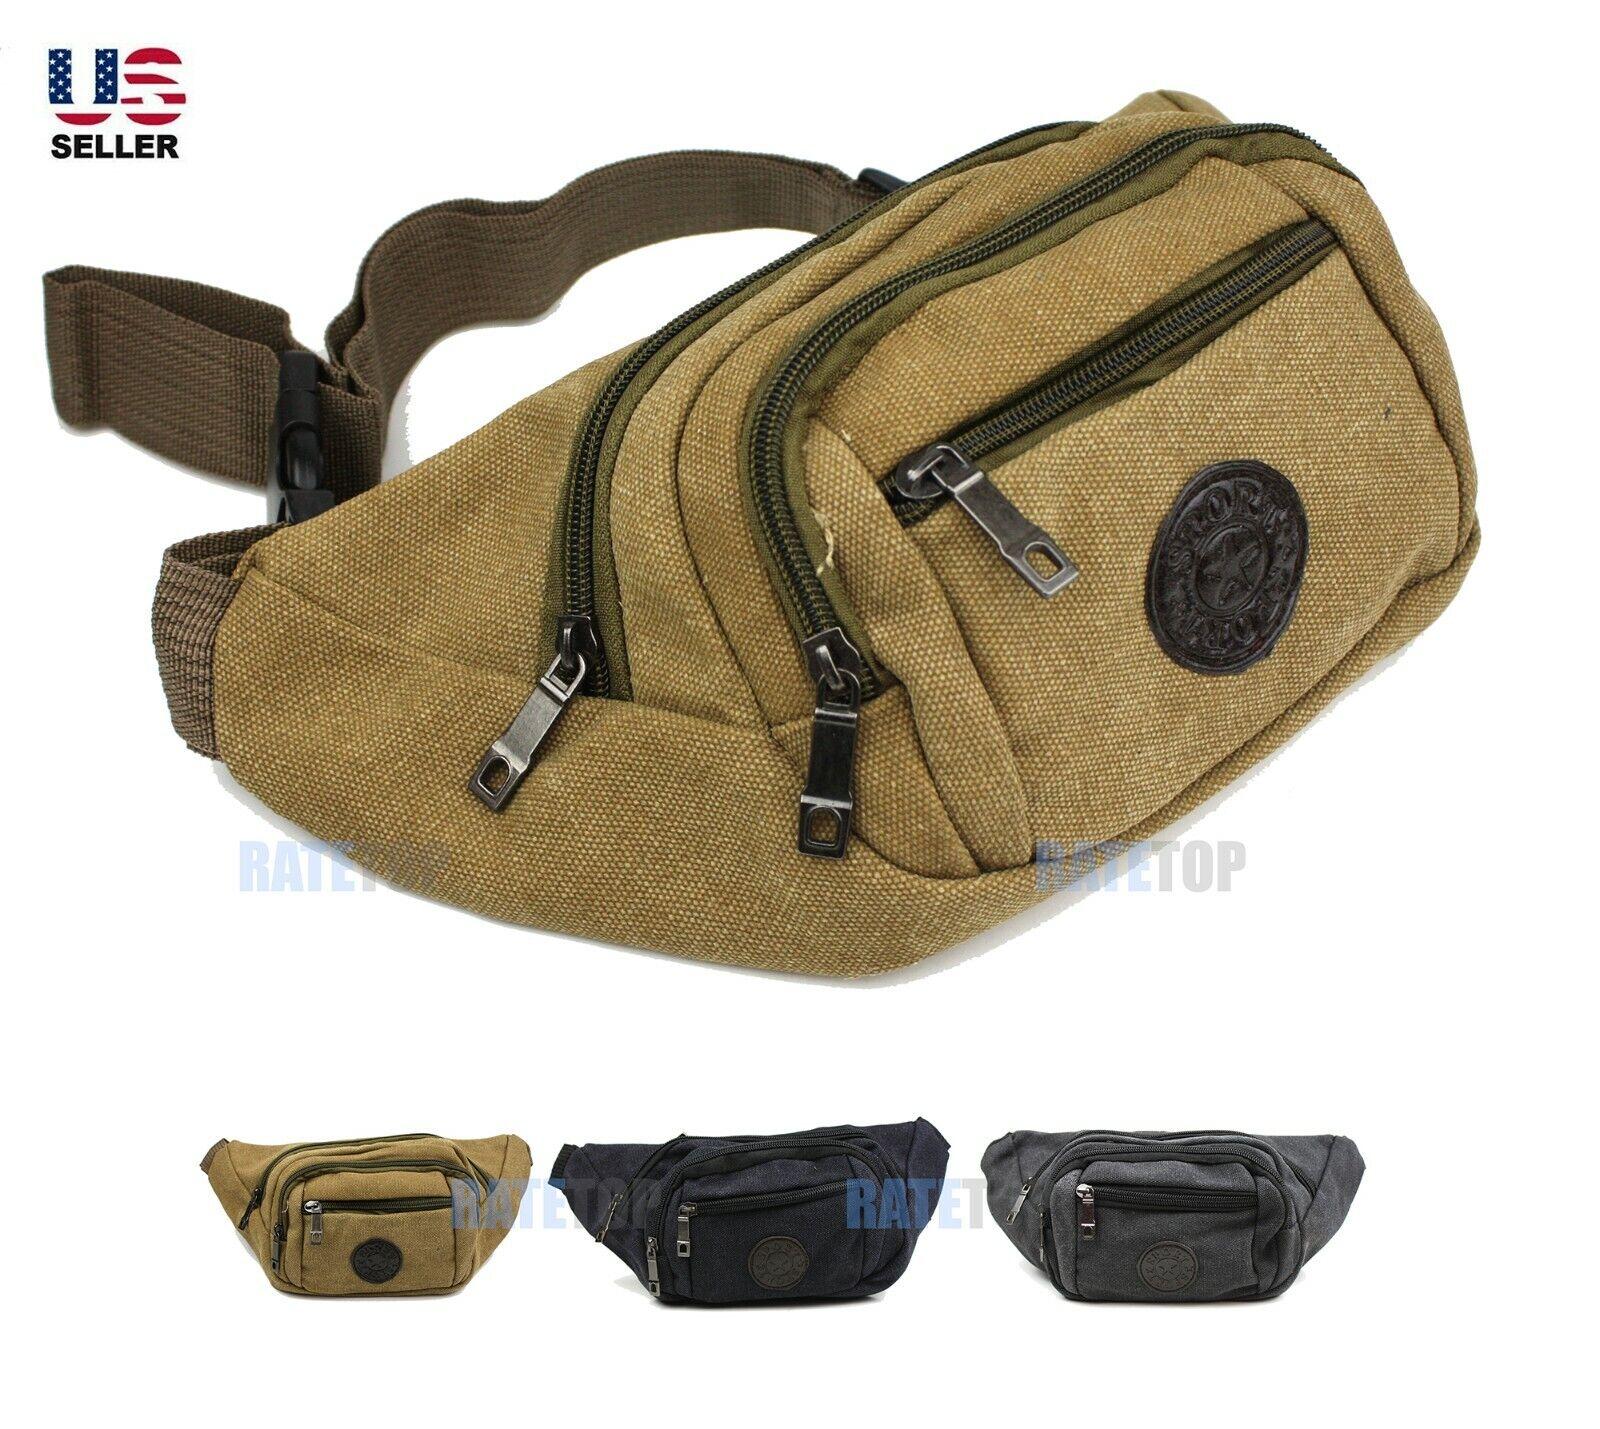 Canvas Fanny Pack Waist Bag Crossbody Hip Belt Pouch Pocket Travel Sport Bum Bags